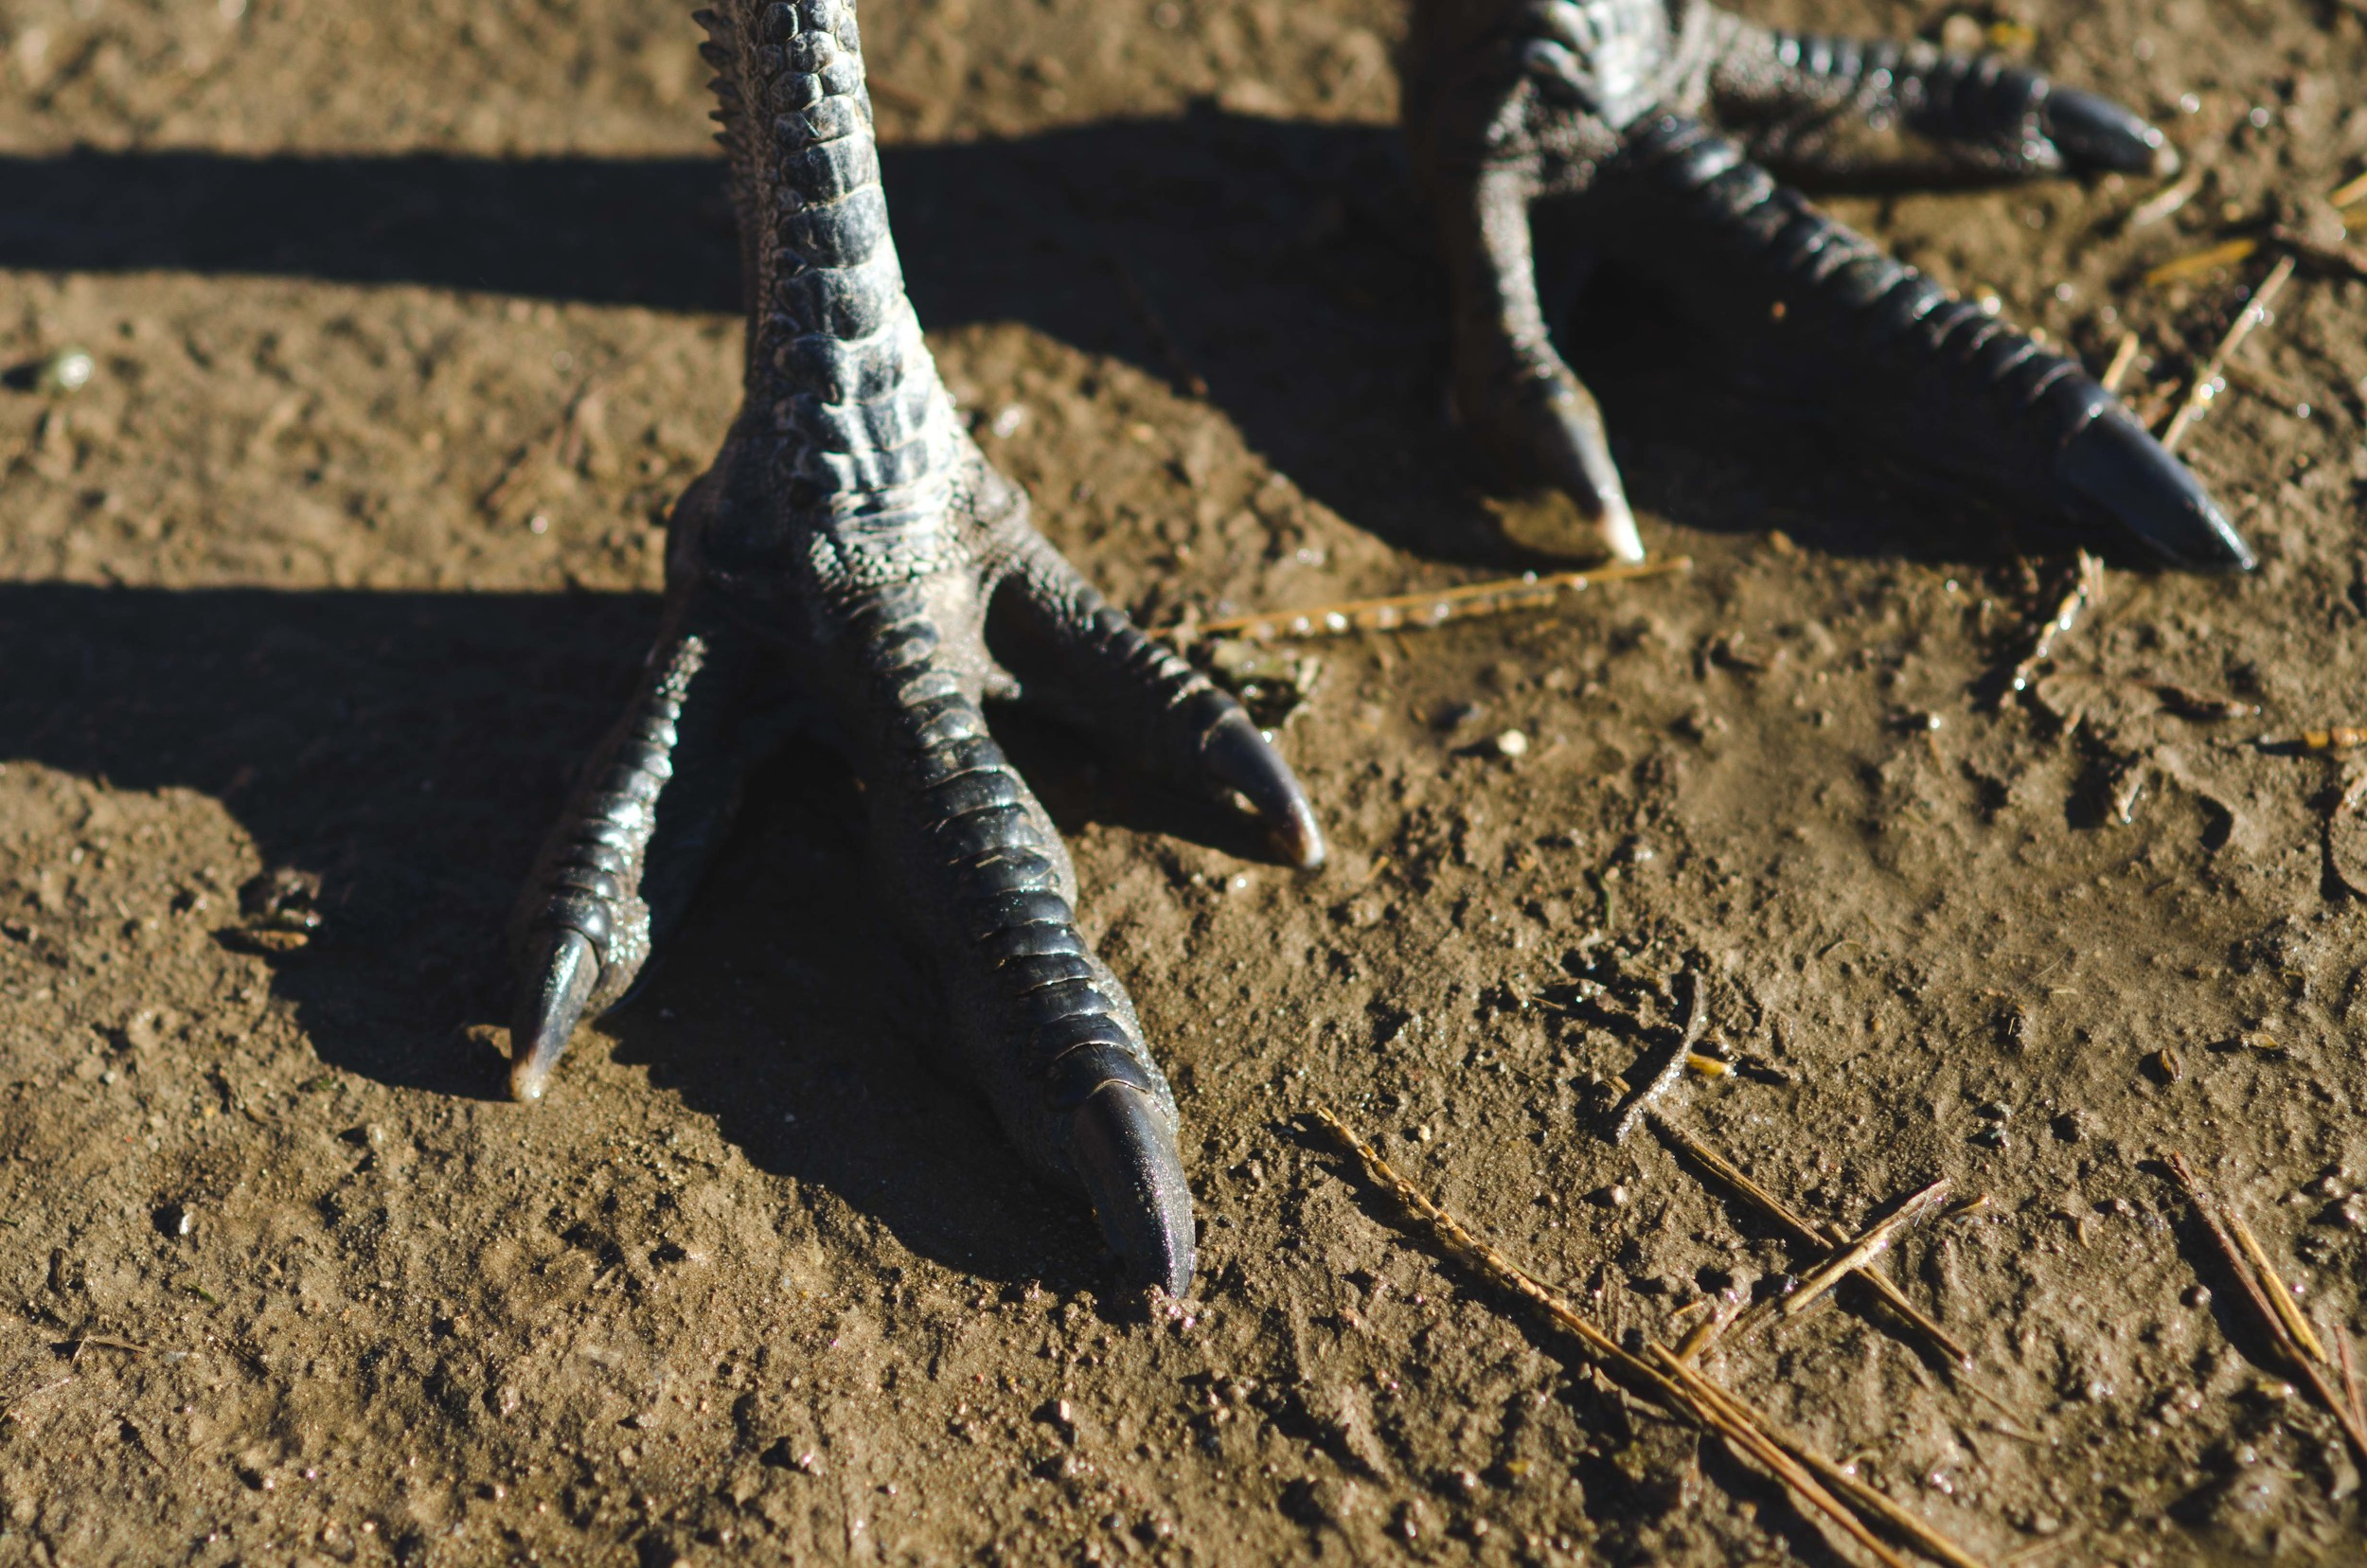 Emu feet